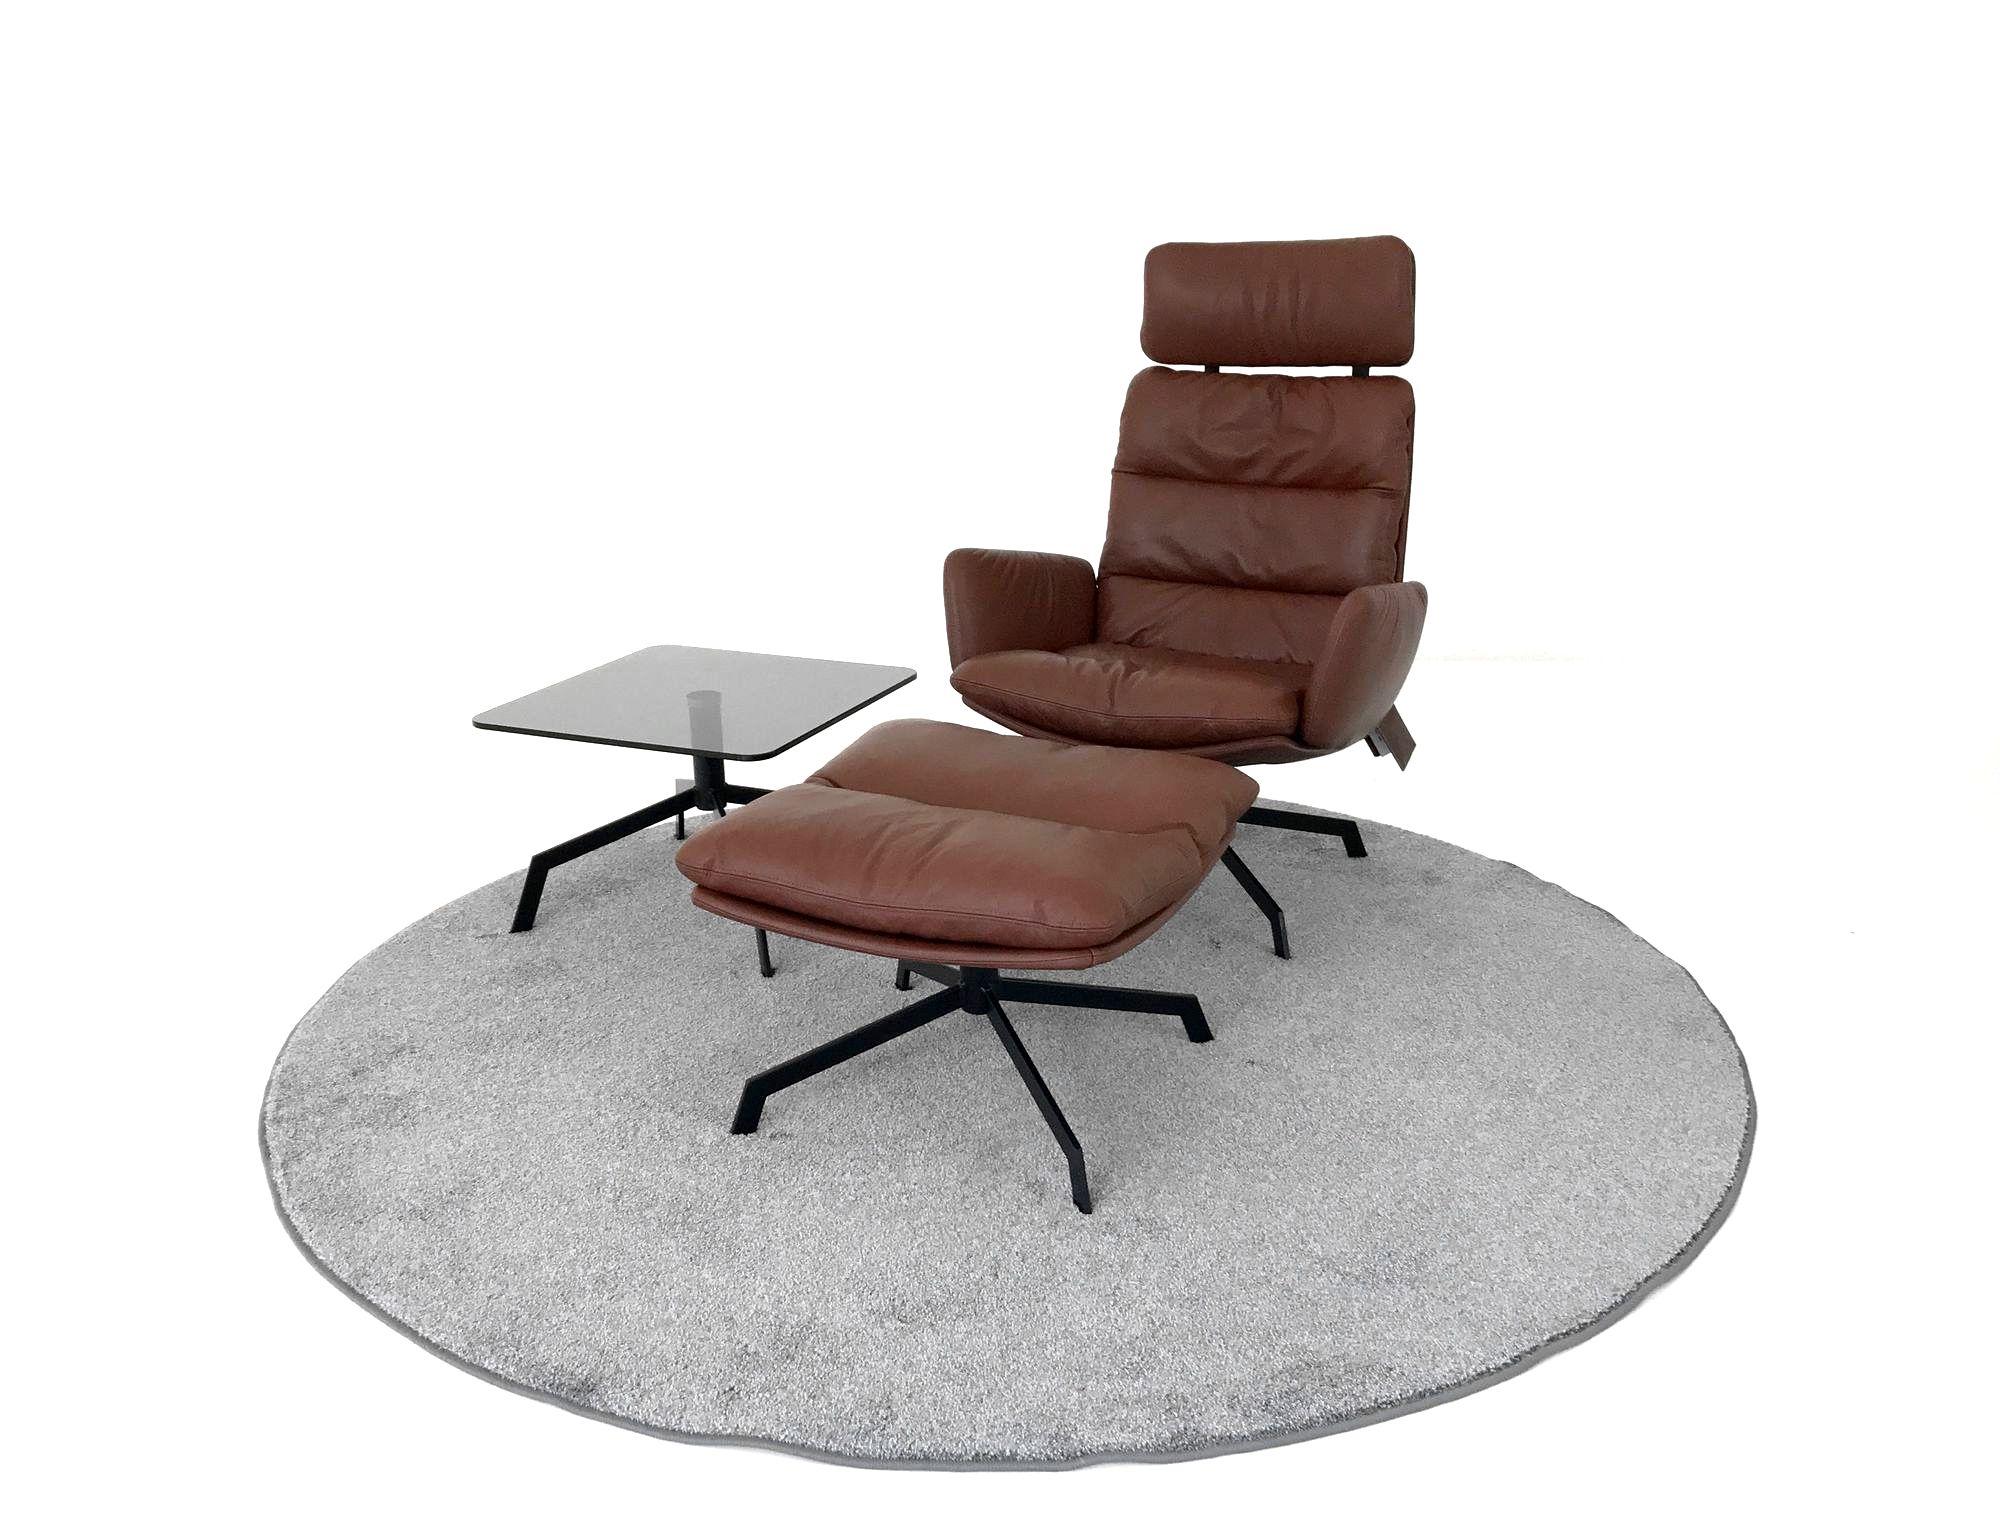 kff arva lounge drehsessel und hocker in leder sauvage. Black Bedroom Furniture Sets. Home Design Ideas